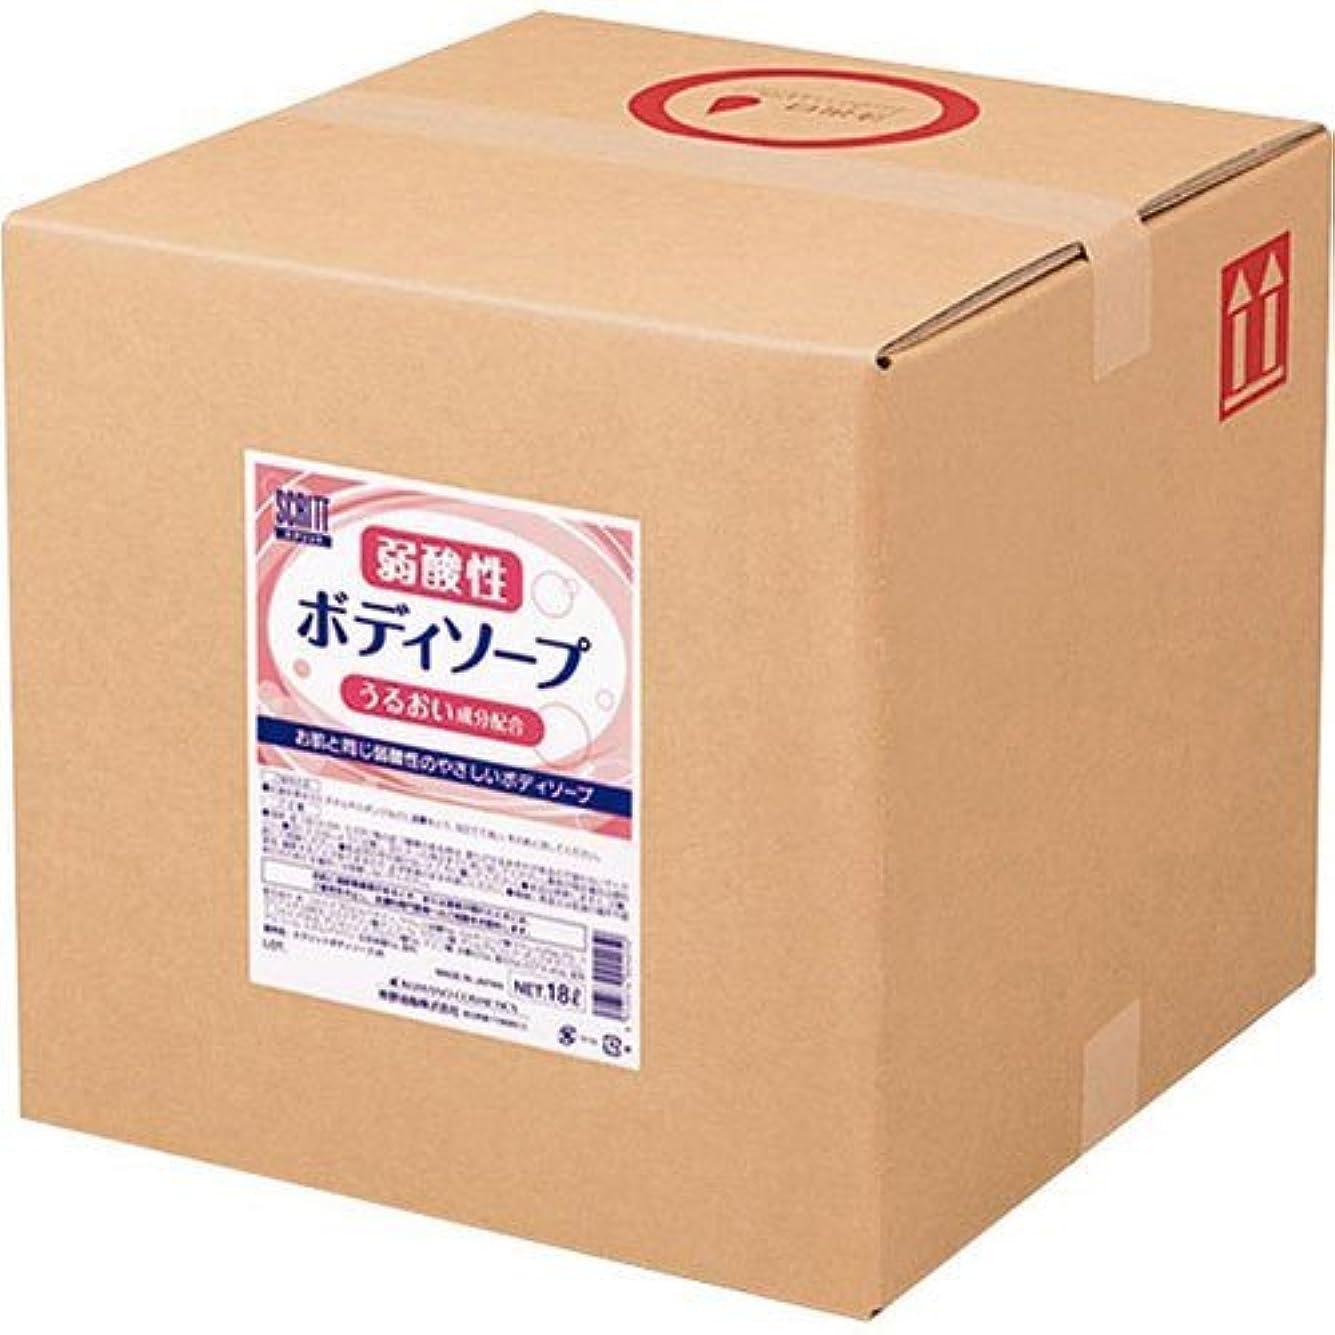 不規則な疑い者嵐熊野油脂 業務用 SCRITT(スクリット) 弱酸性ボディソープ 18L